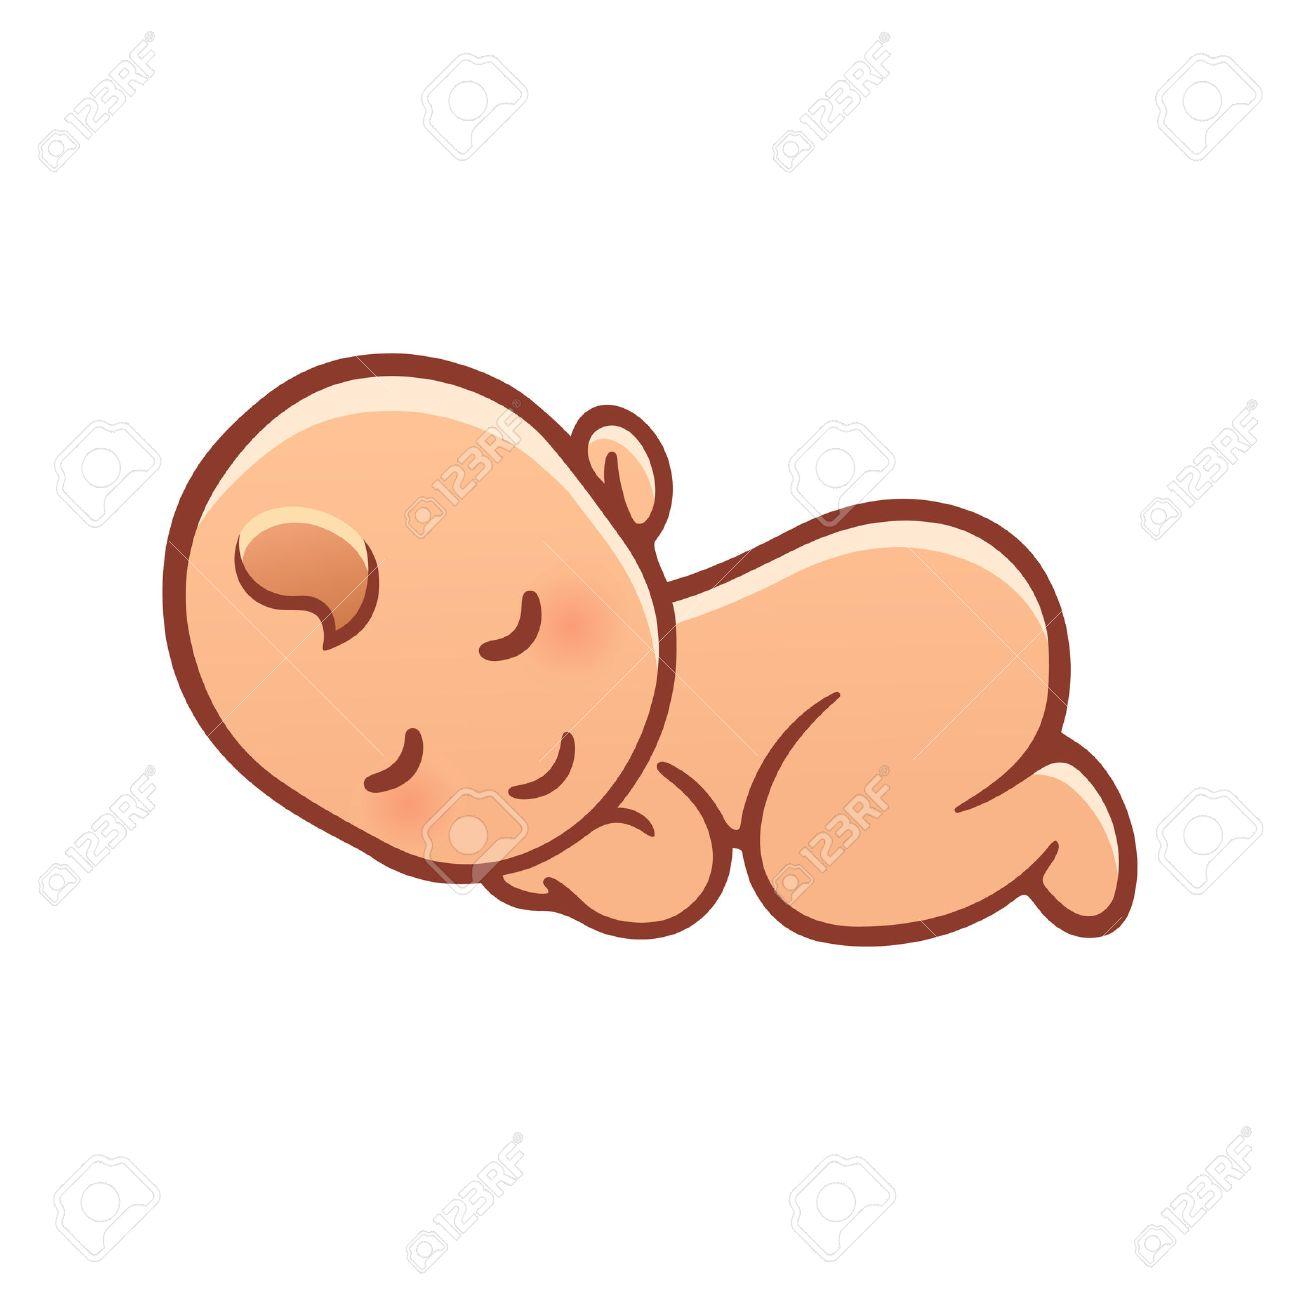 Dibujo Lindo Bebe Para Dormir Ilustracion Vectorial De Dibujos